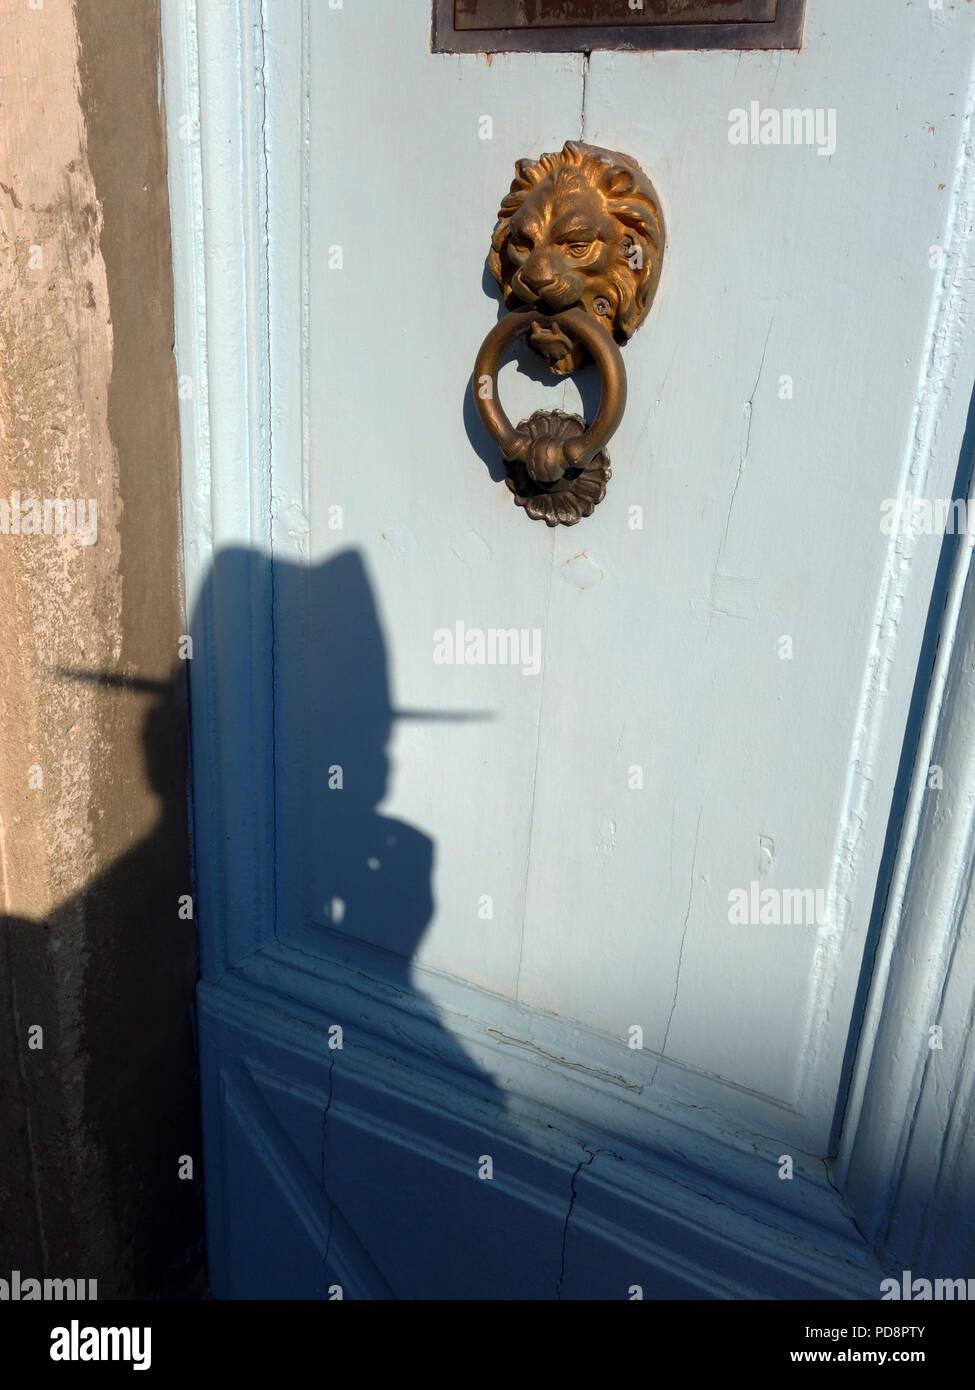 L'homme photographié en sinistre hat montrant une forte ossature ombre sur une vieille porte française Photo Stock